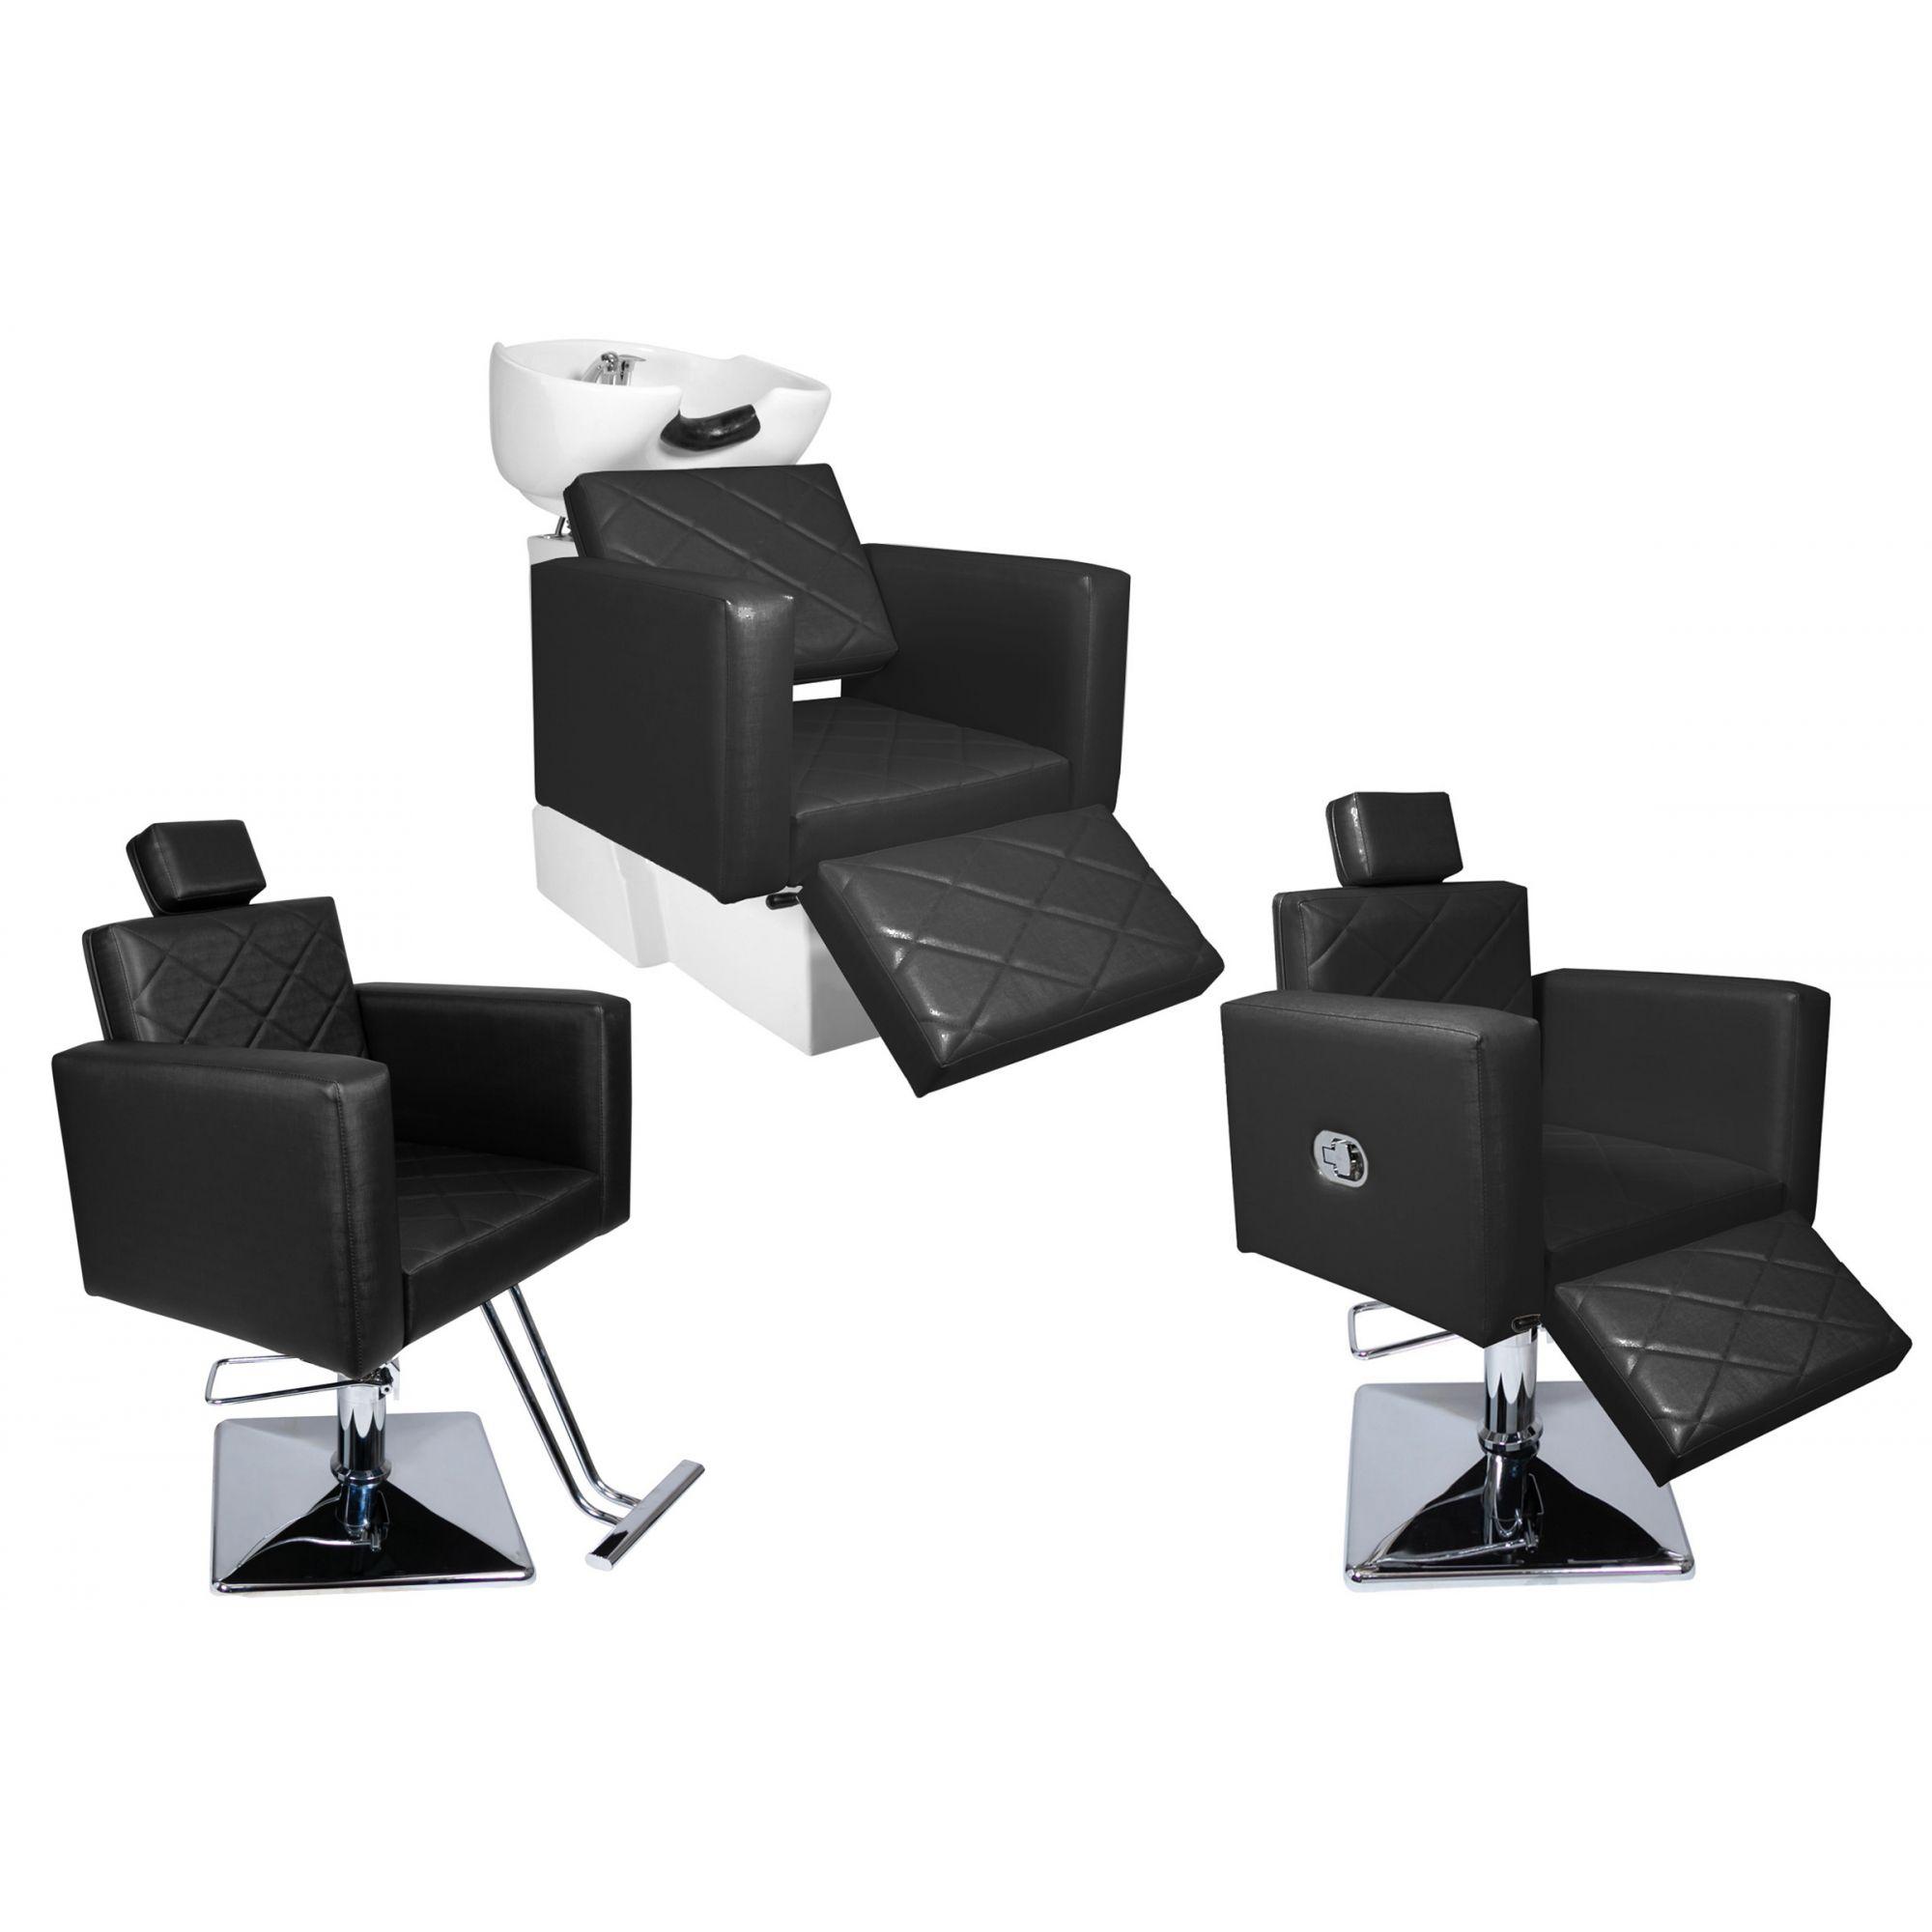 KIT Evidence - 1 Cadeira Fixa + 1 Cadeira Reclinável Com Descanso + 1 Lavatório Com Descanso - Base Quadrada